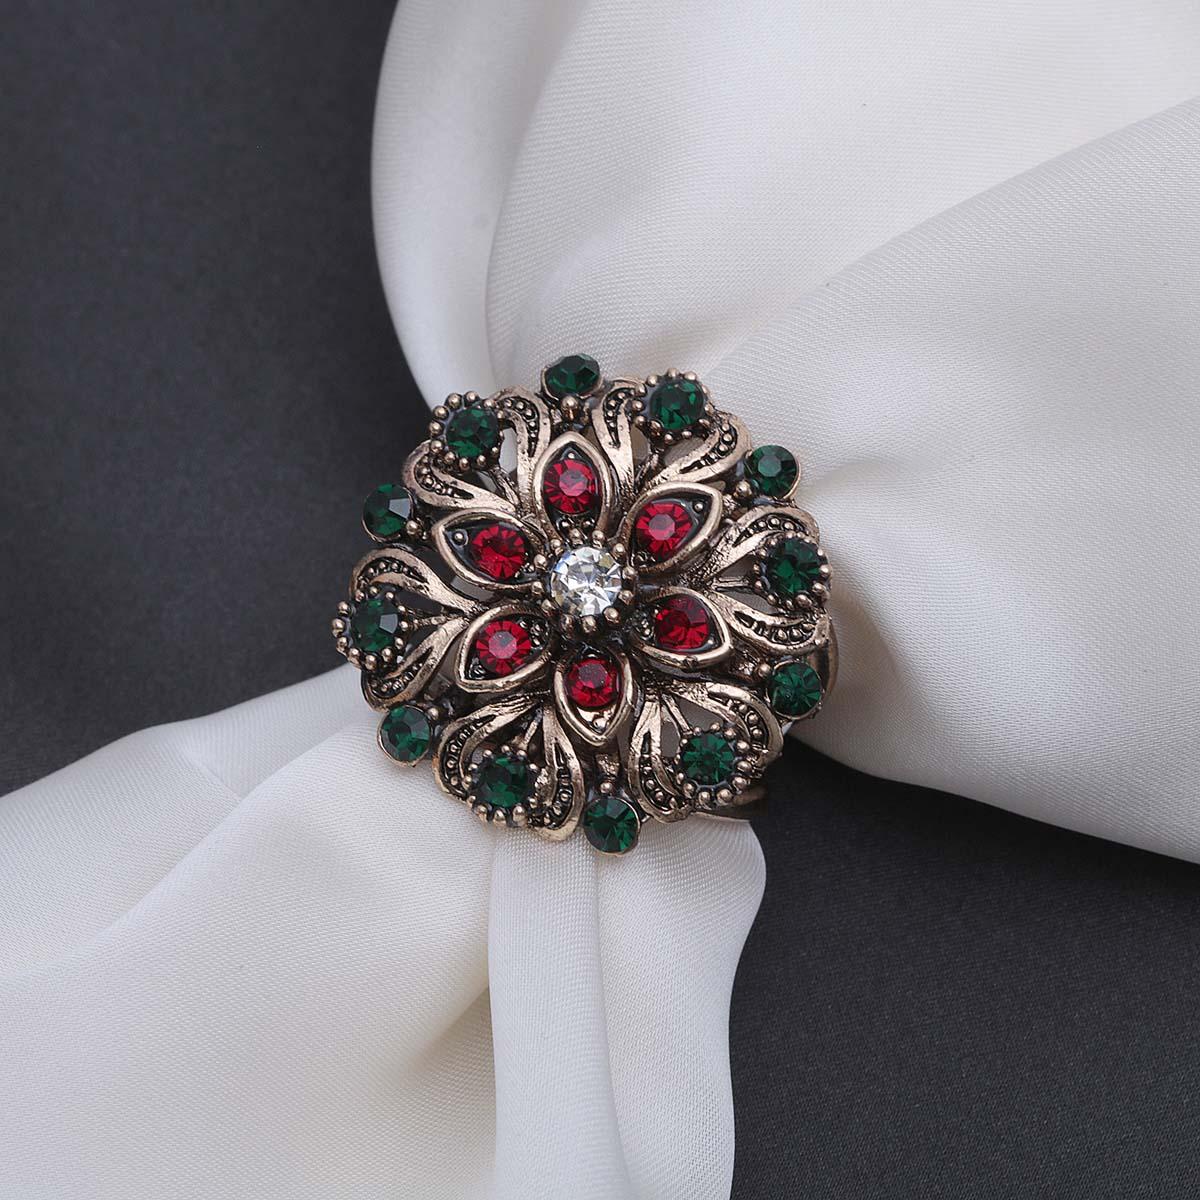 2522025 Кольцо для платка 'Цветок со стразами', цвет красно-зеленый в черненом золоте